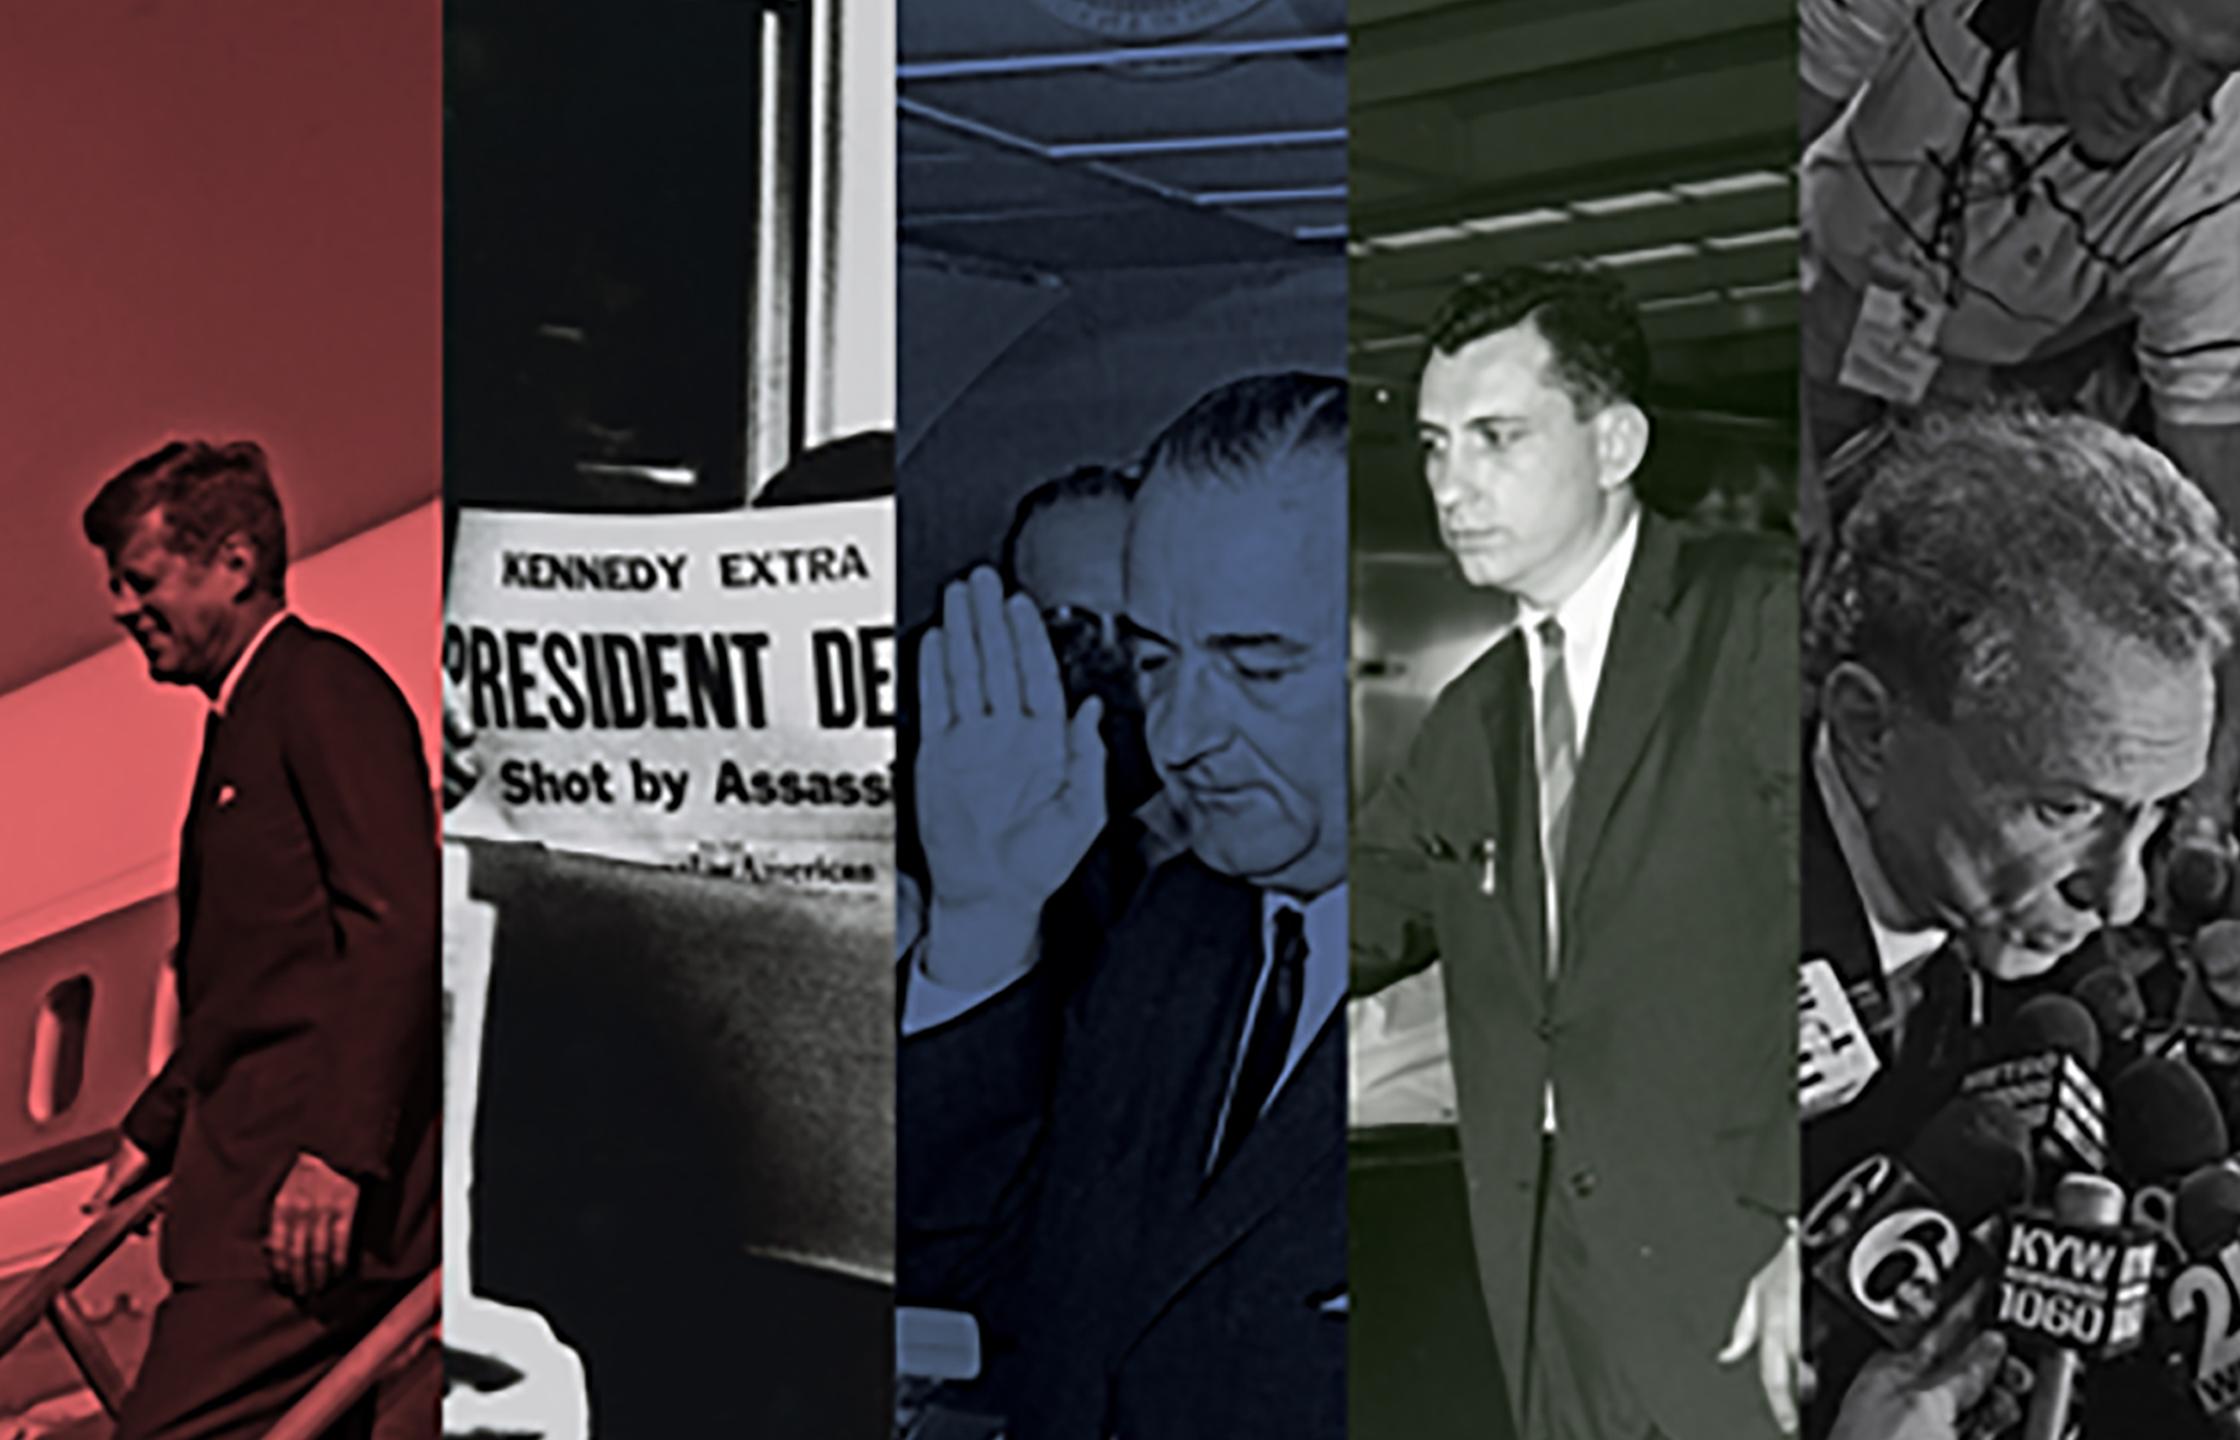 JFK - SINGLE BULLET EXHIBIT